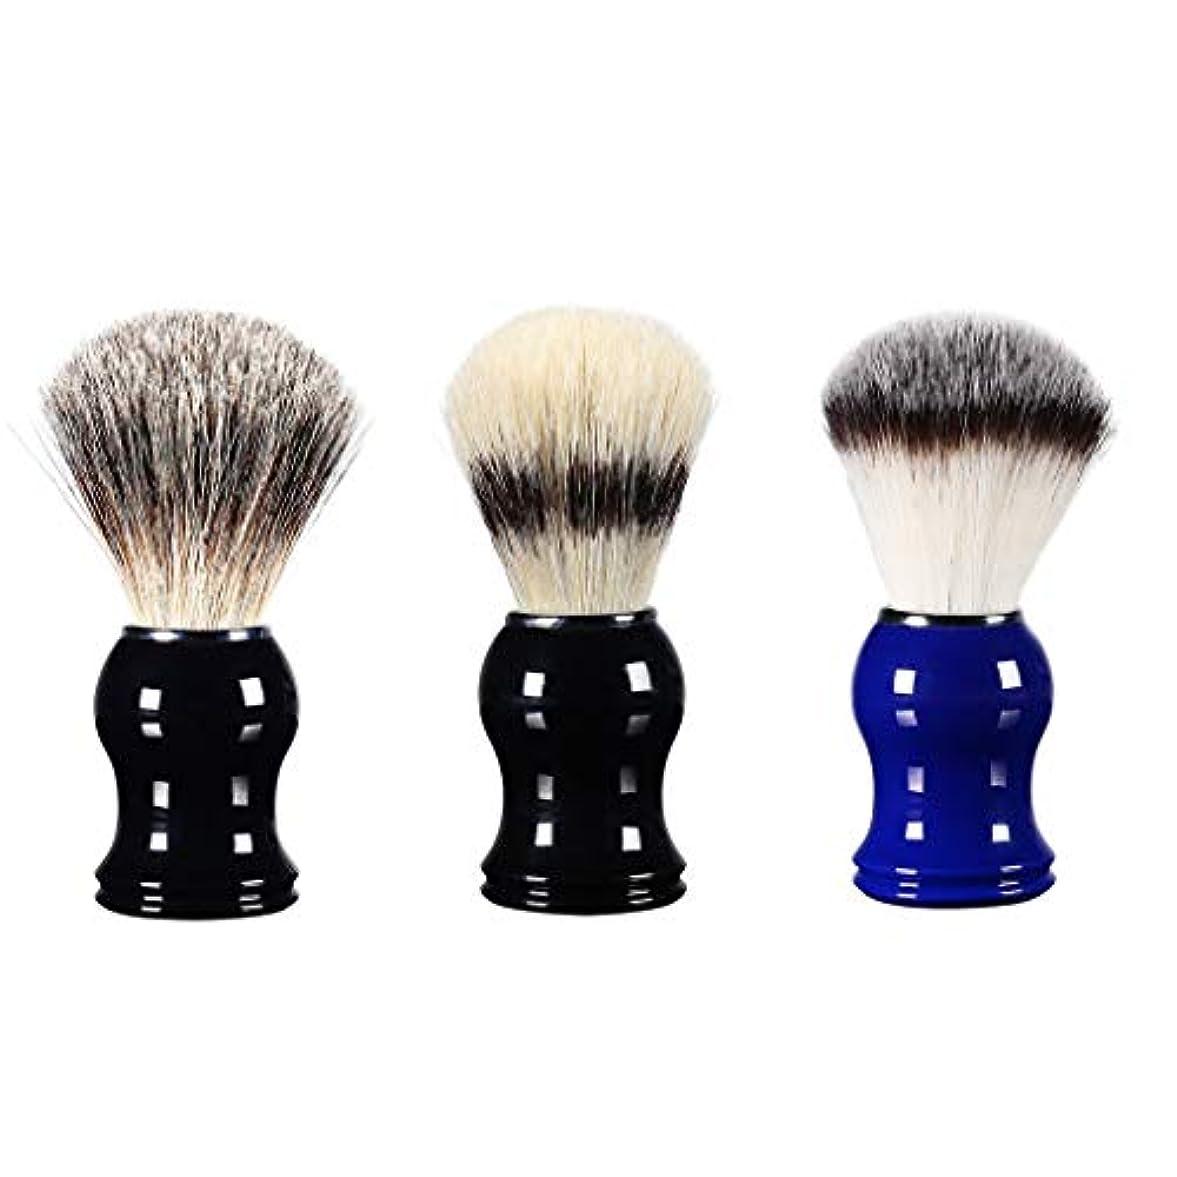 負仲人ベーリング海峡P Prettyia シェービング用ブラシ メンズ 理容 洗顔 髭剃り 泡立ち 3個入